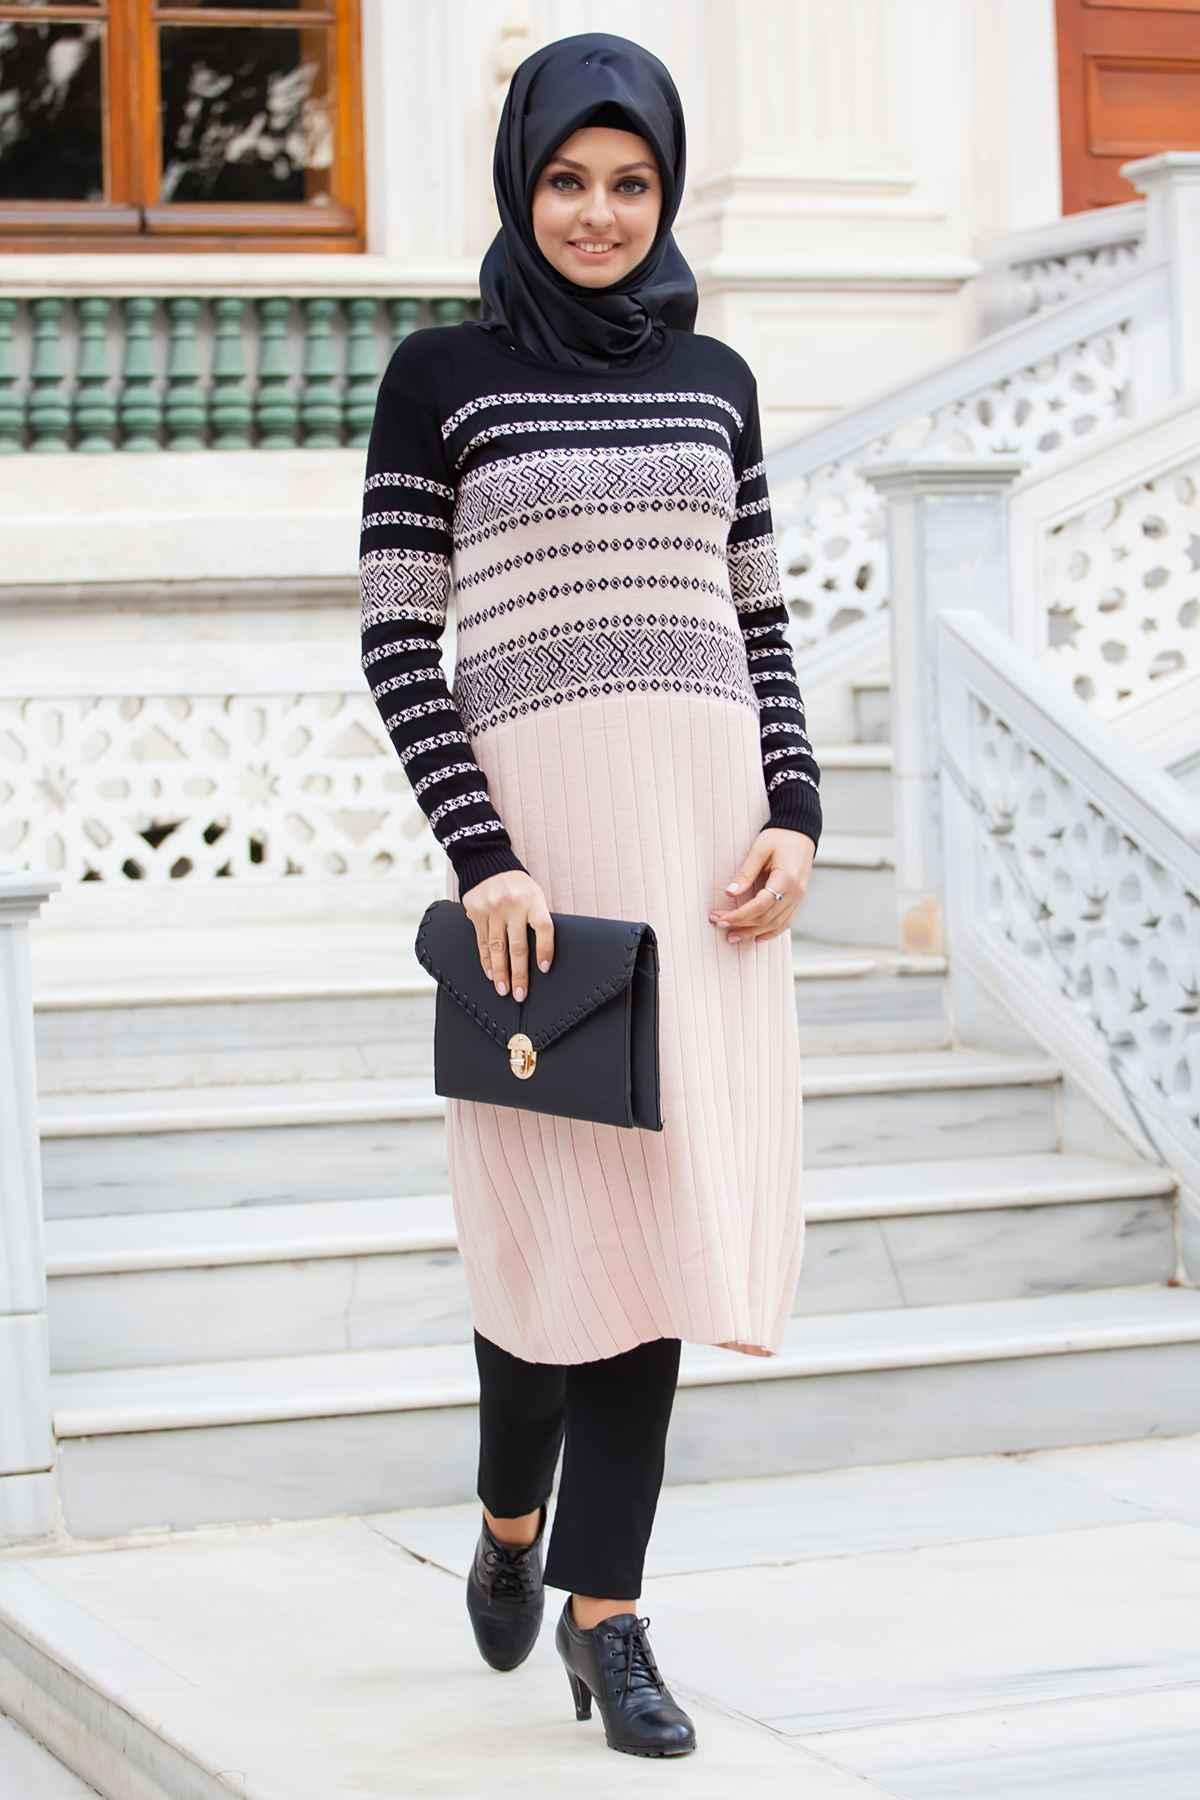 Deseenli Sedanur Tesettür Triko Tunik Modelleri